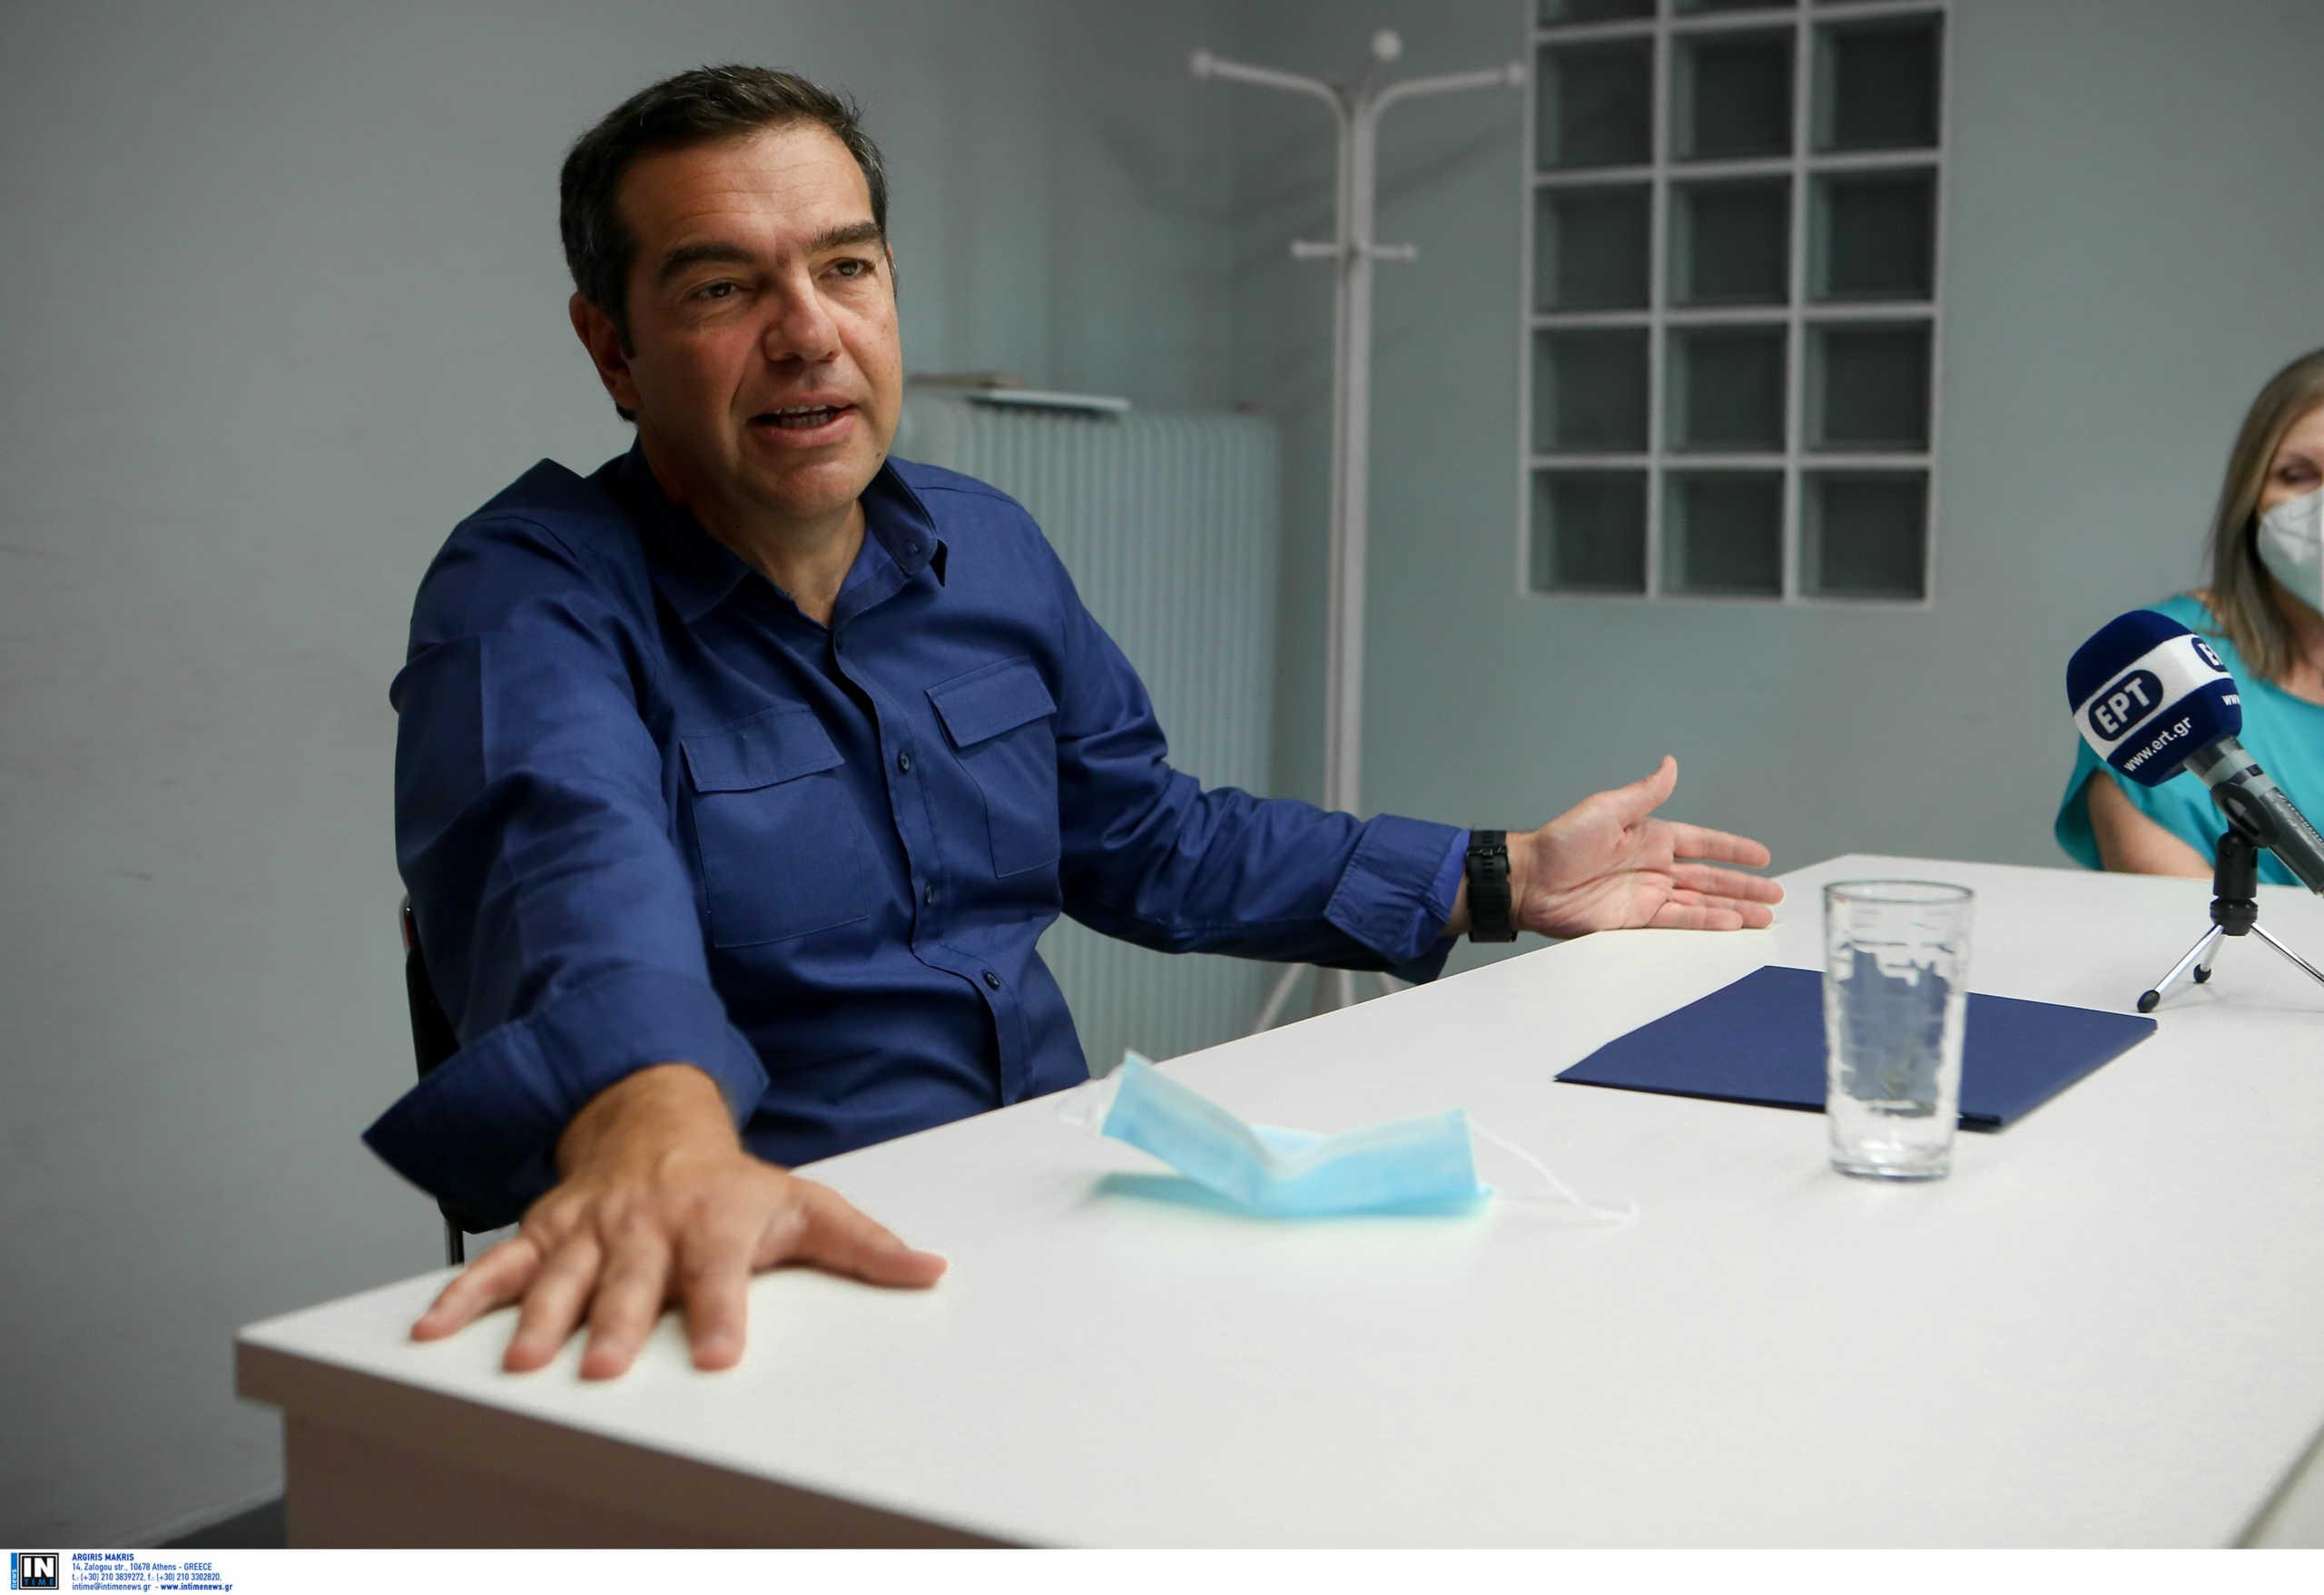 Τσίπρας για Ικαρία: Δεν πρόκειται για επαναλαμβανόμενη ανεμελιά αλλά για αλαζονεία